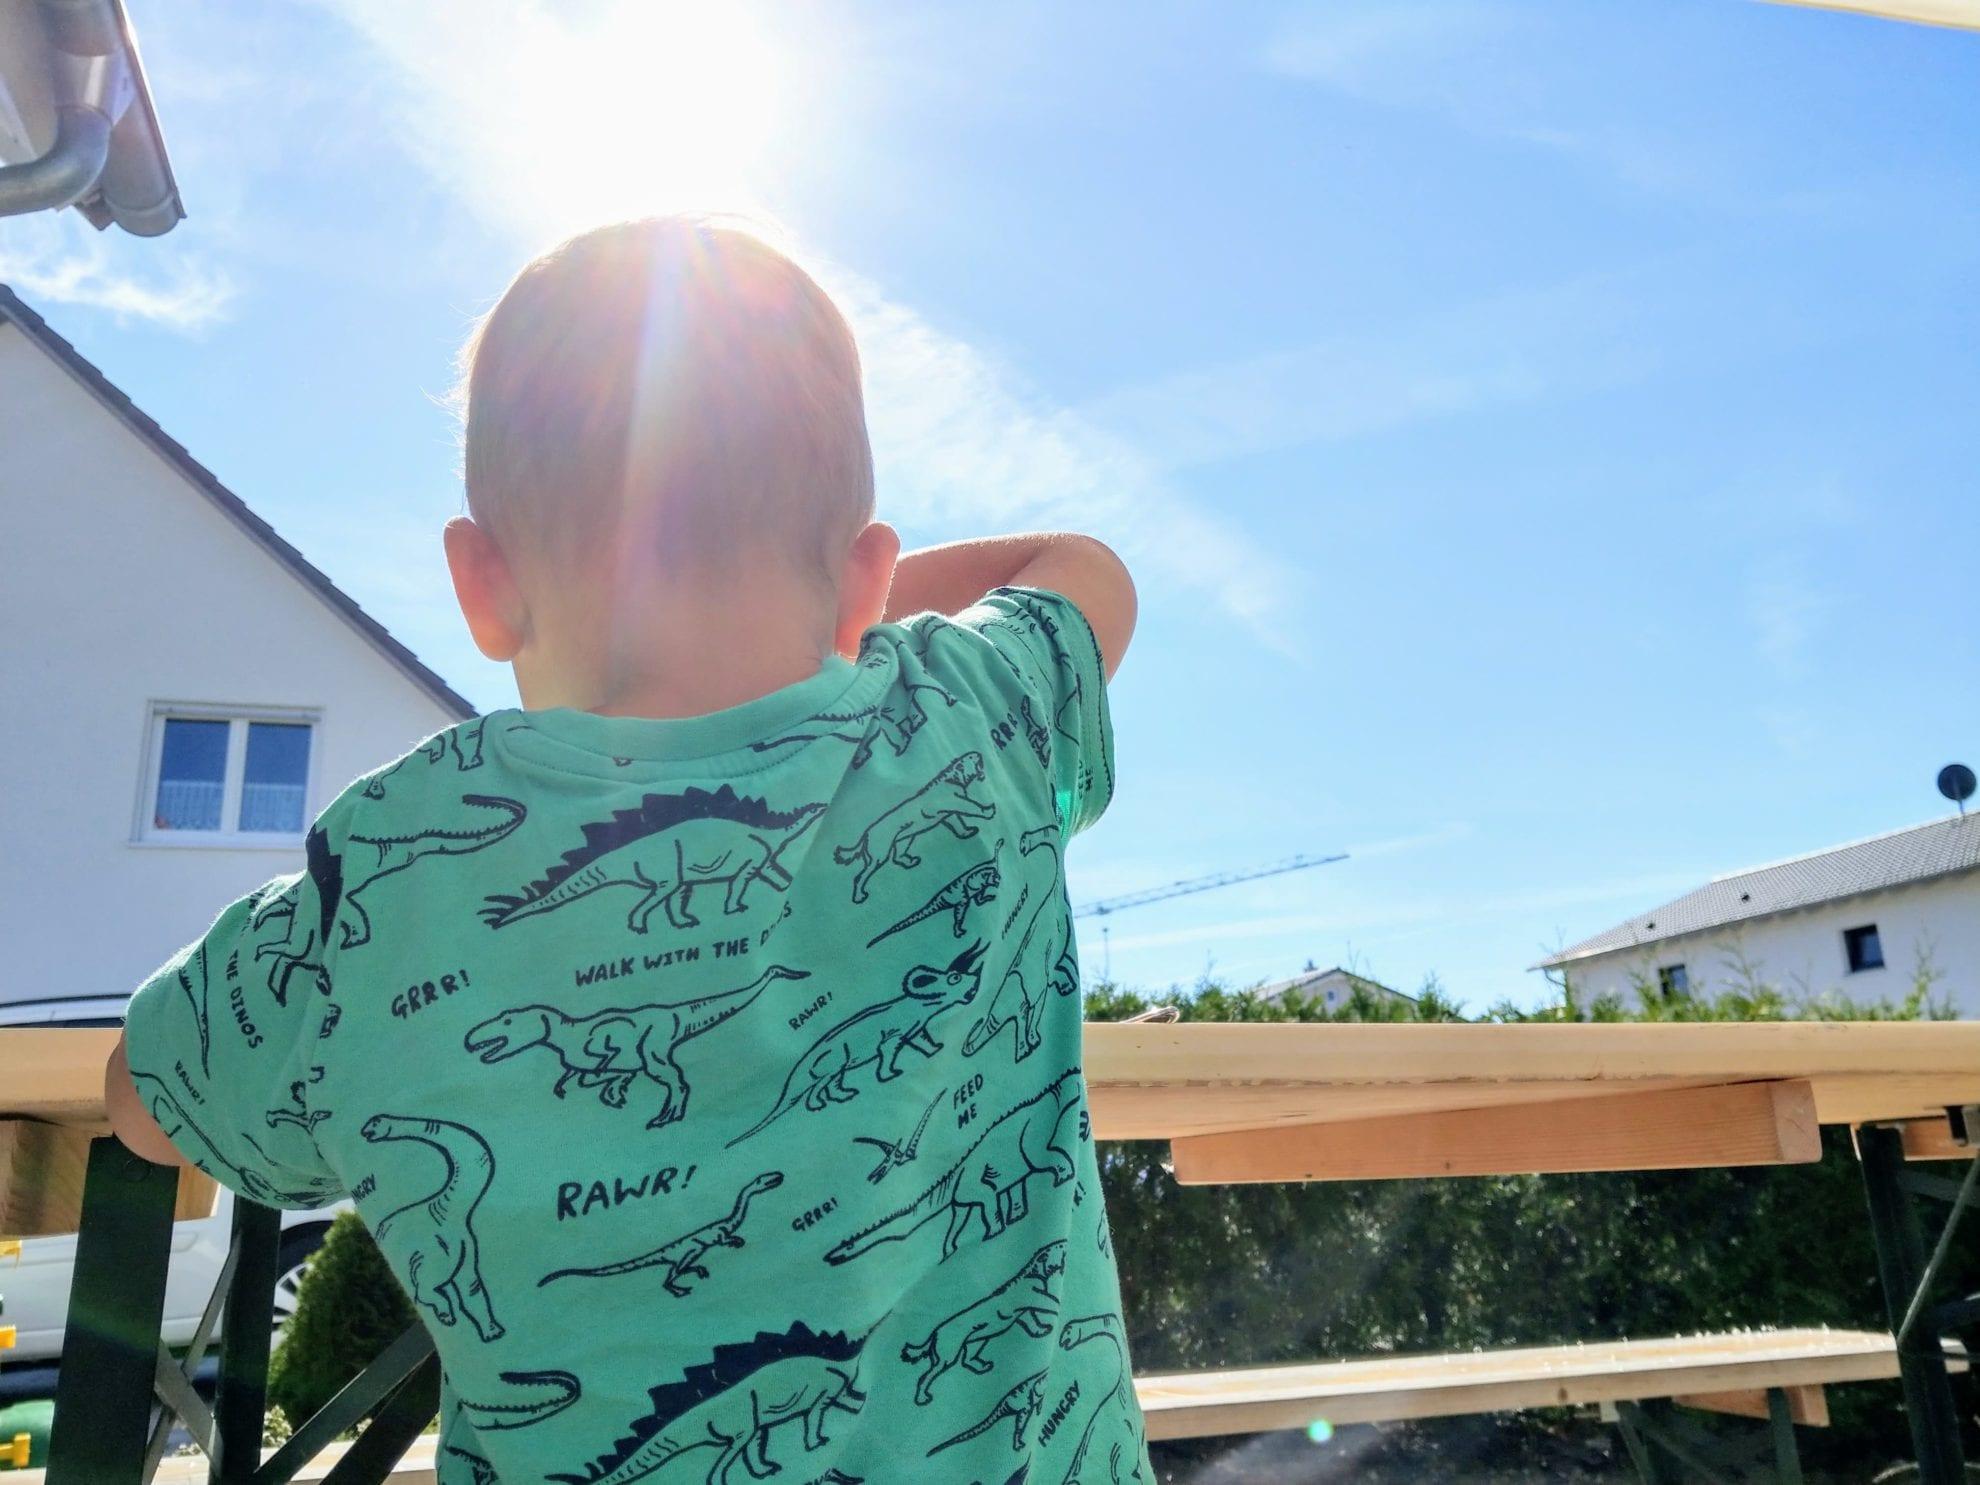 Bei strahlendem Sonnenschein schmeckt das Essen im Garten für die Kinder gleich doppelt so gut.